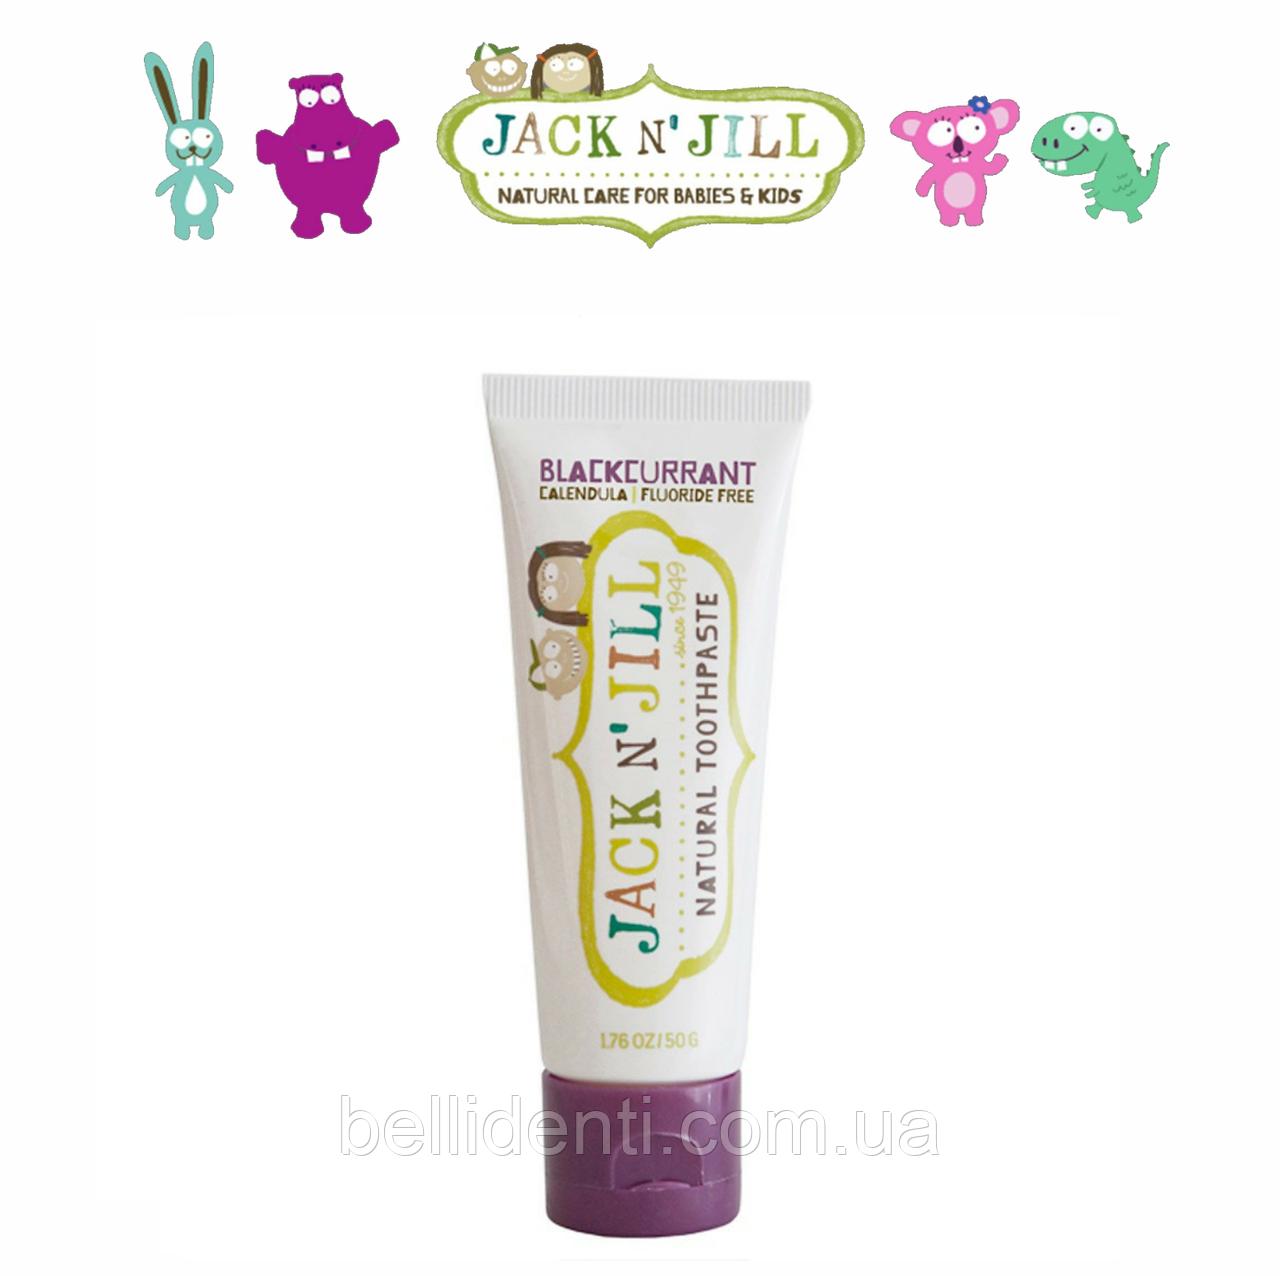 Натуральная зубная паста Jack N' Jill  (со вкусом черной смородины)  (50g)